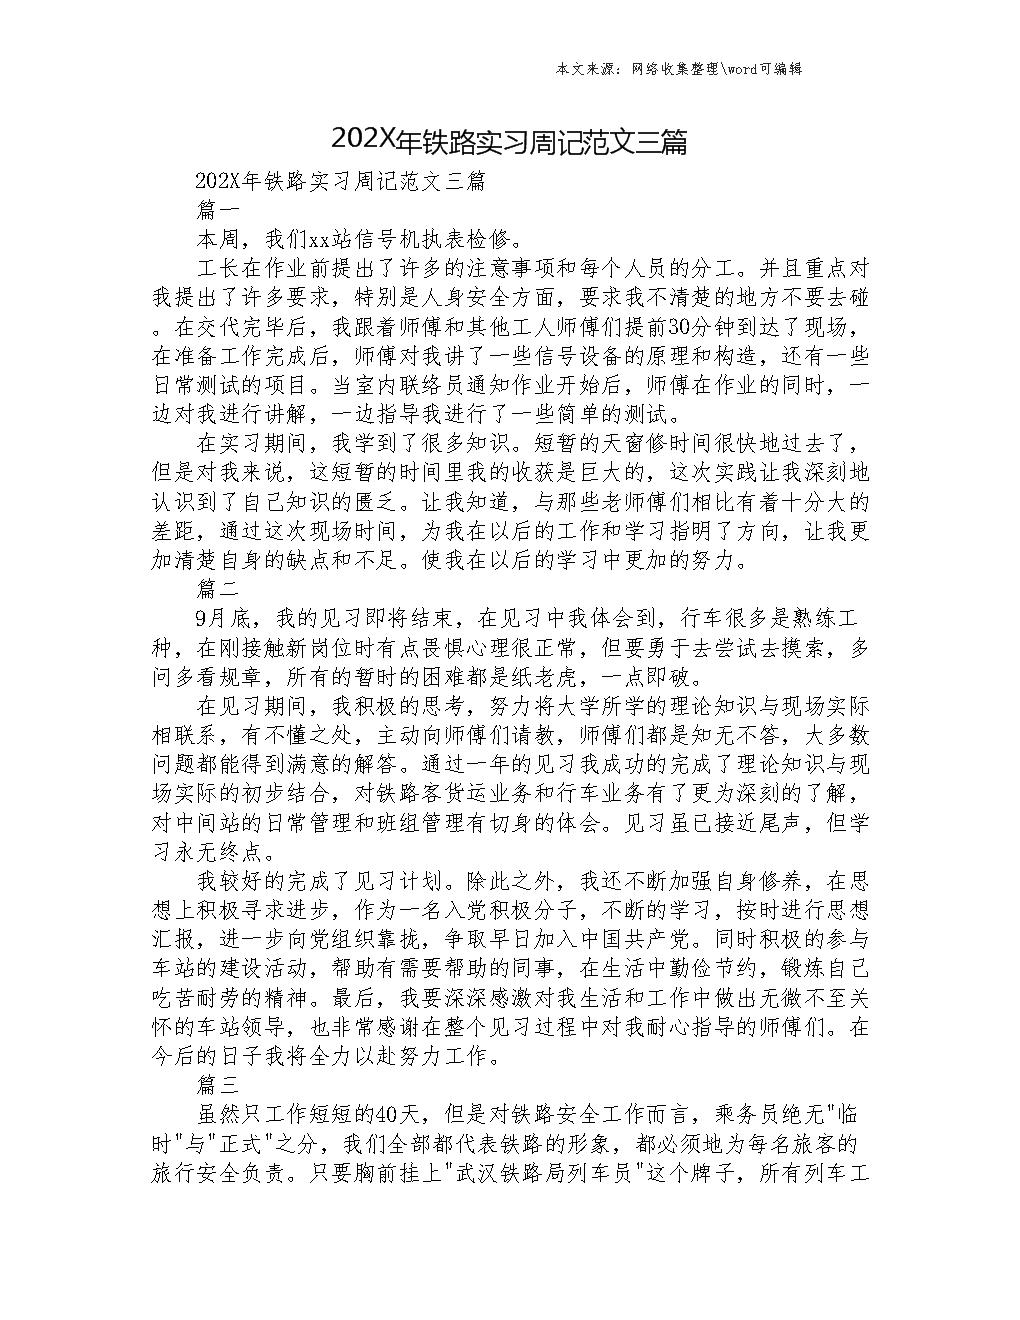 2020年铁路实习周记范文三篇l.doc